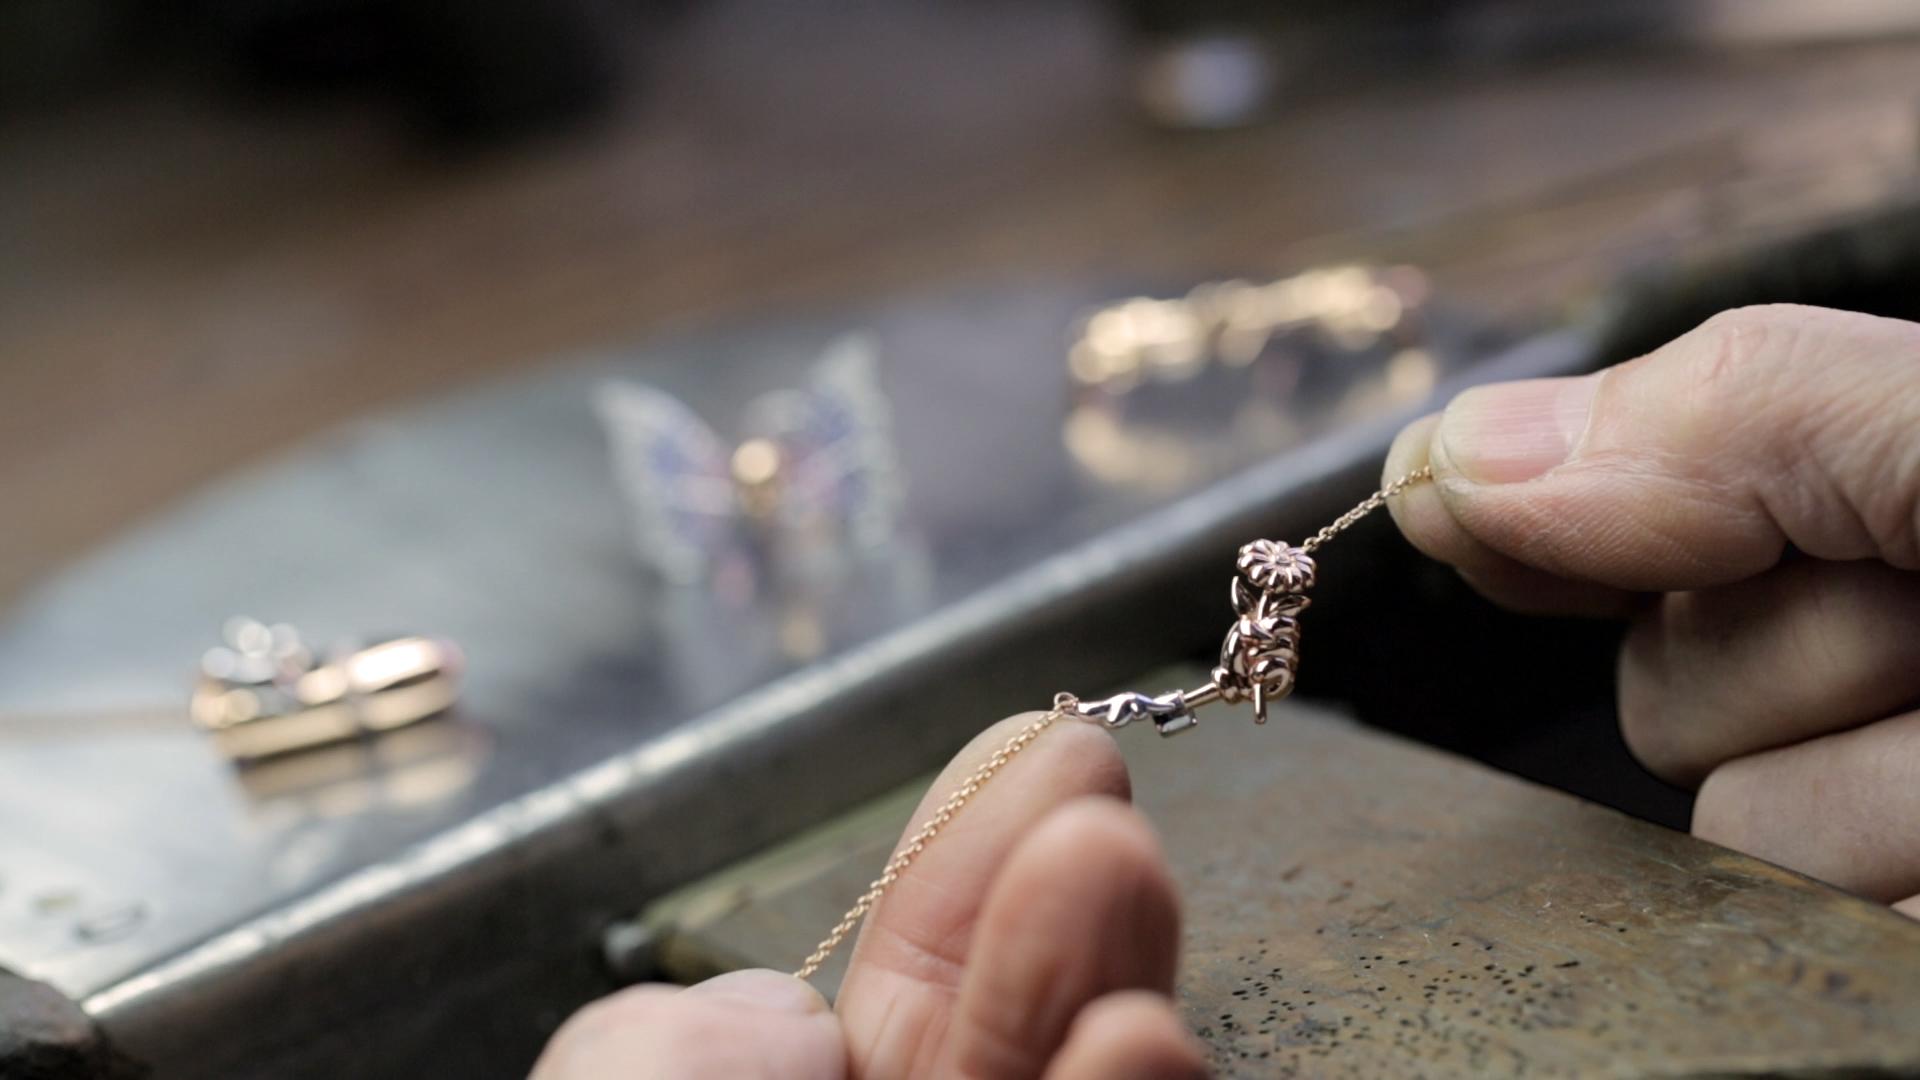 I Am Suarez - Jewellery collaboration with Joyería Suárez